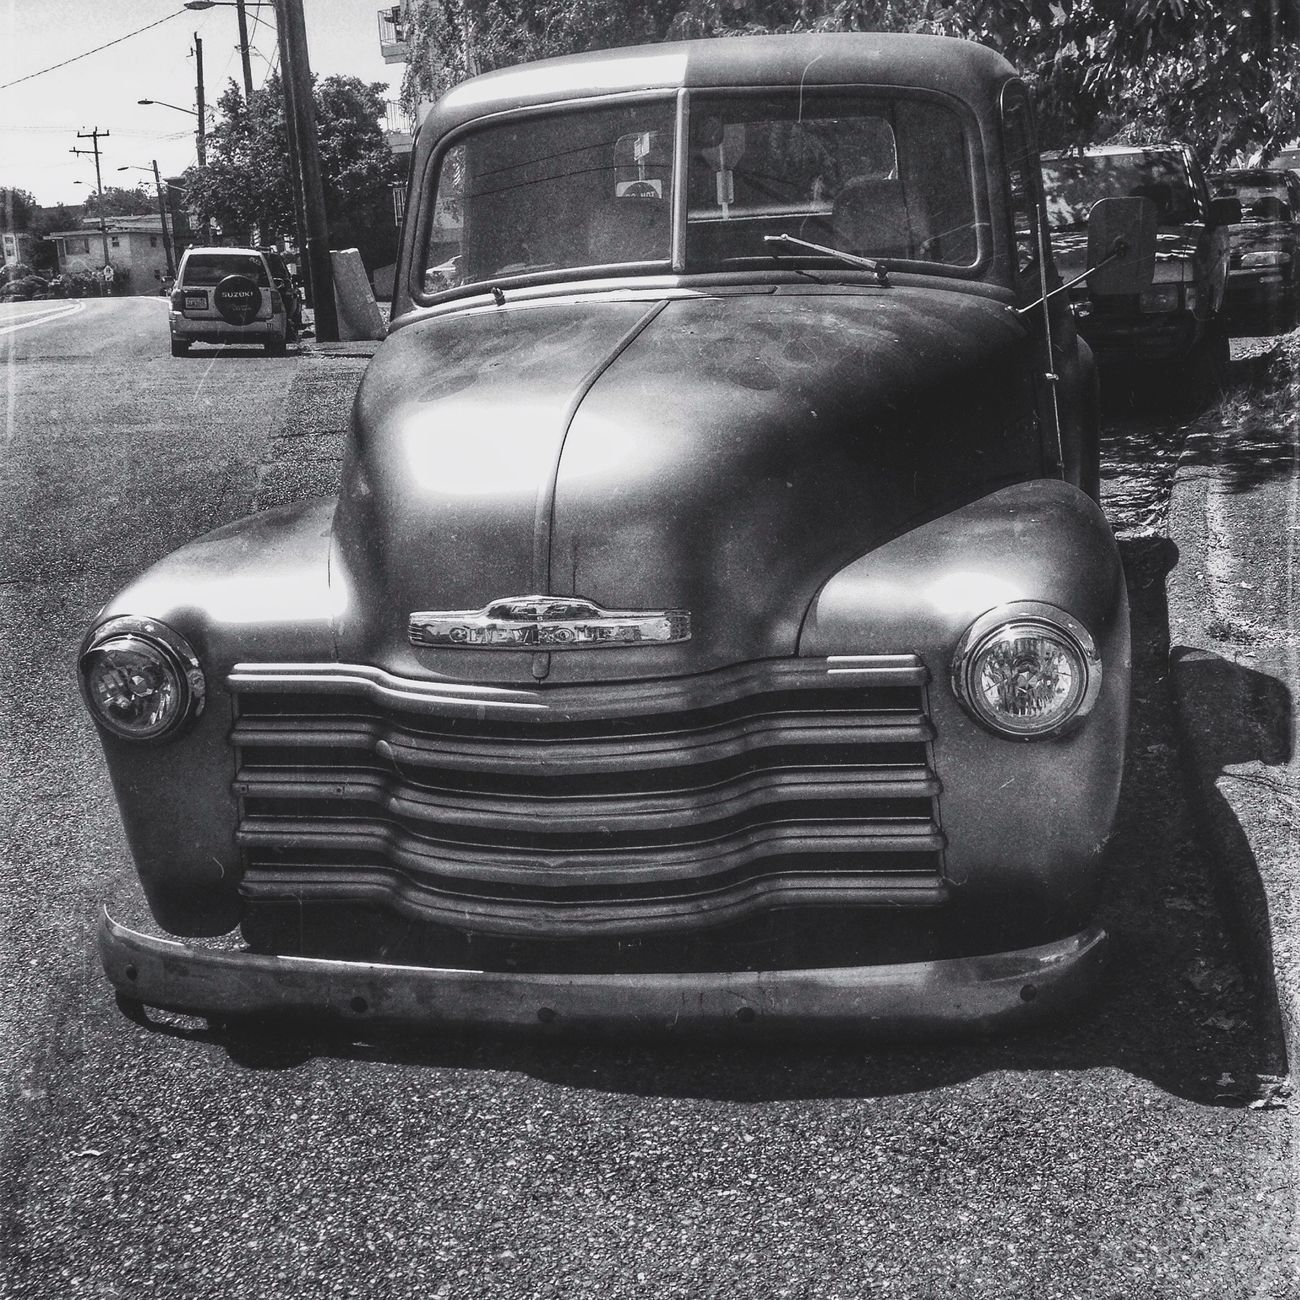 Classic Car Truck